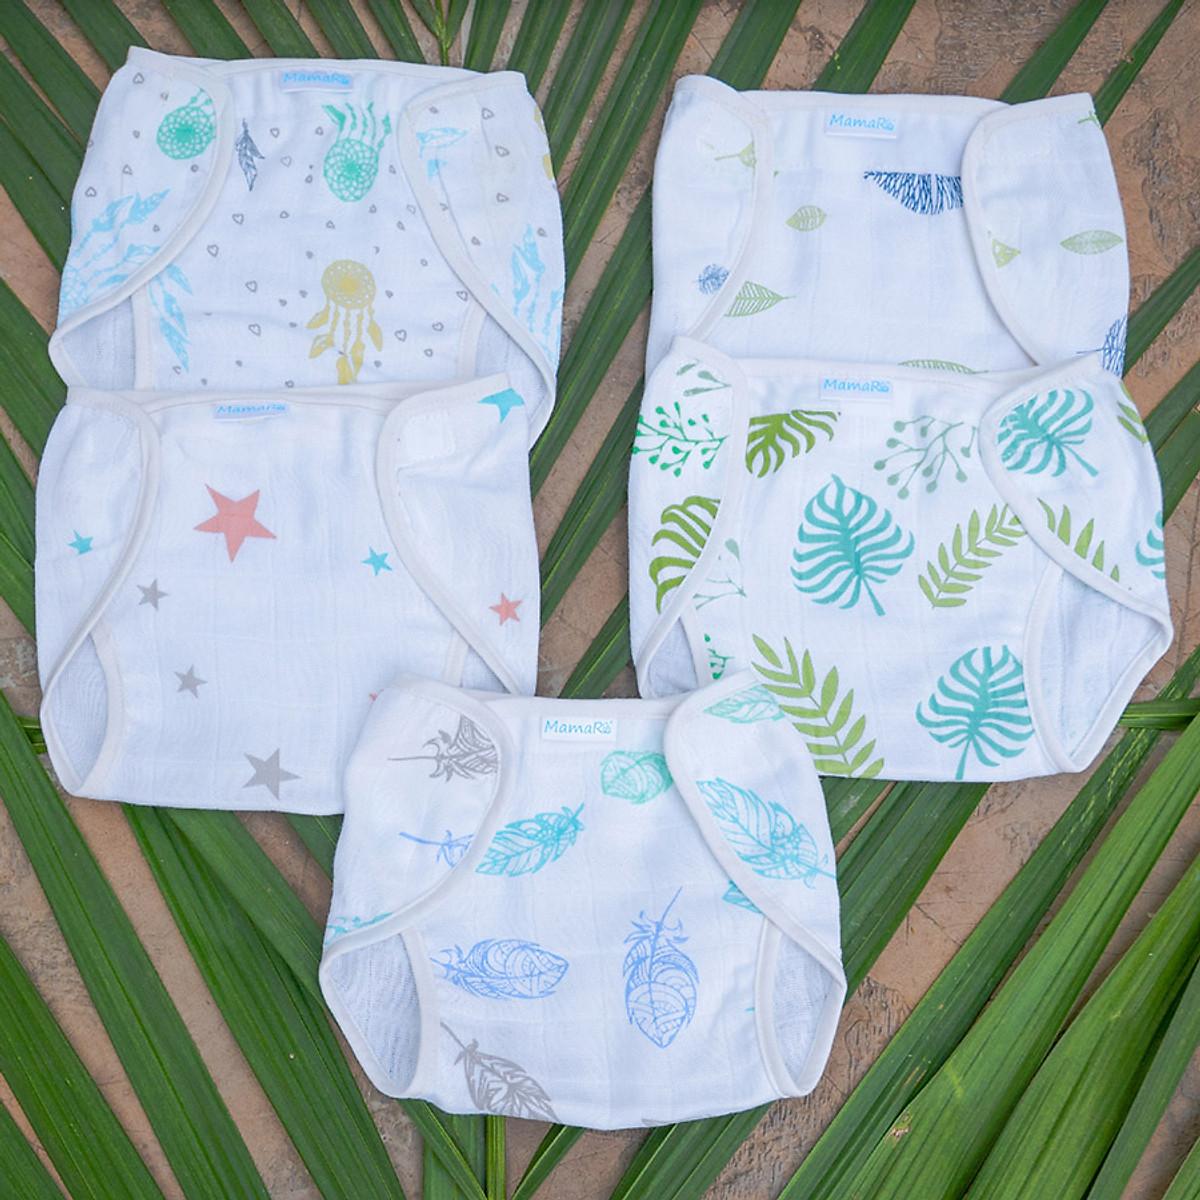 Bộ 3 cái tả quần vải sợi tre cho bé mềm mại Mamaru MA-TQ01 - Diệt khuẩn, hút ẩm tốt, kháng tia UV